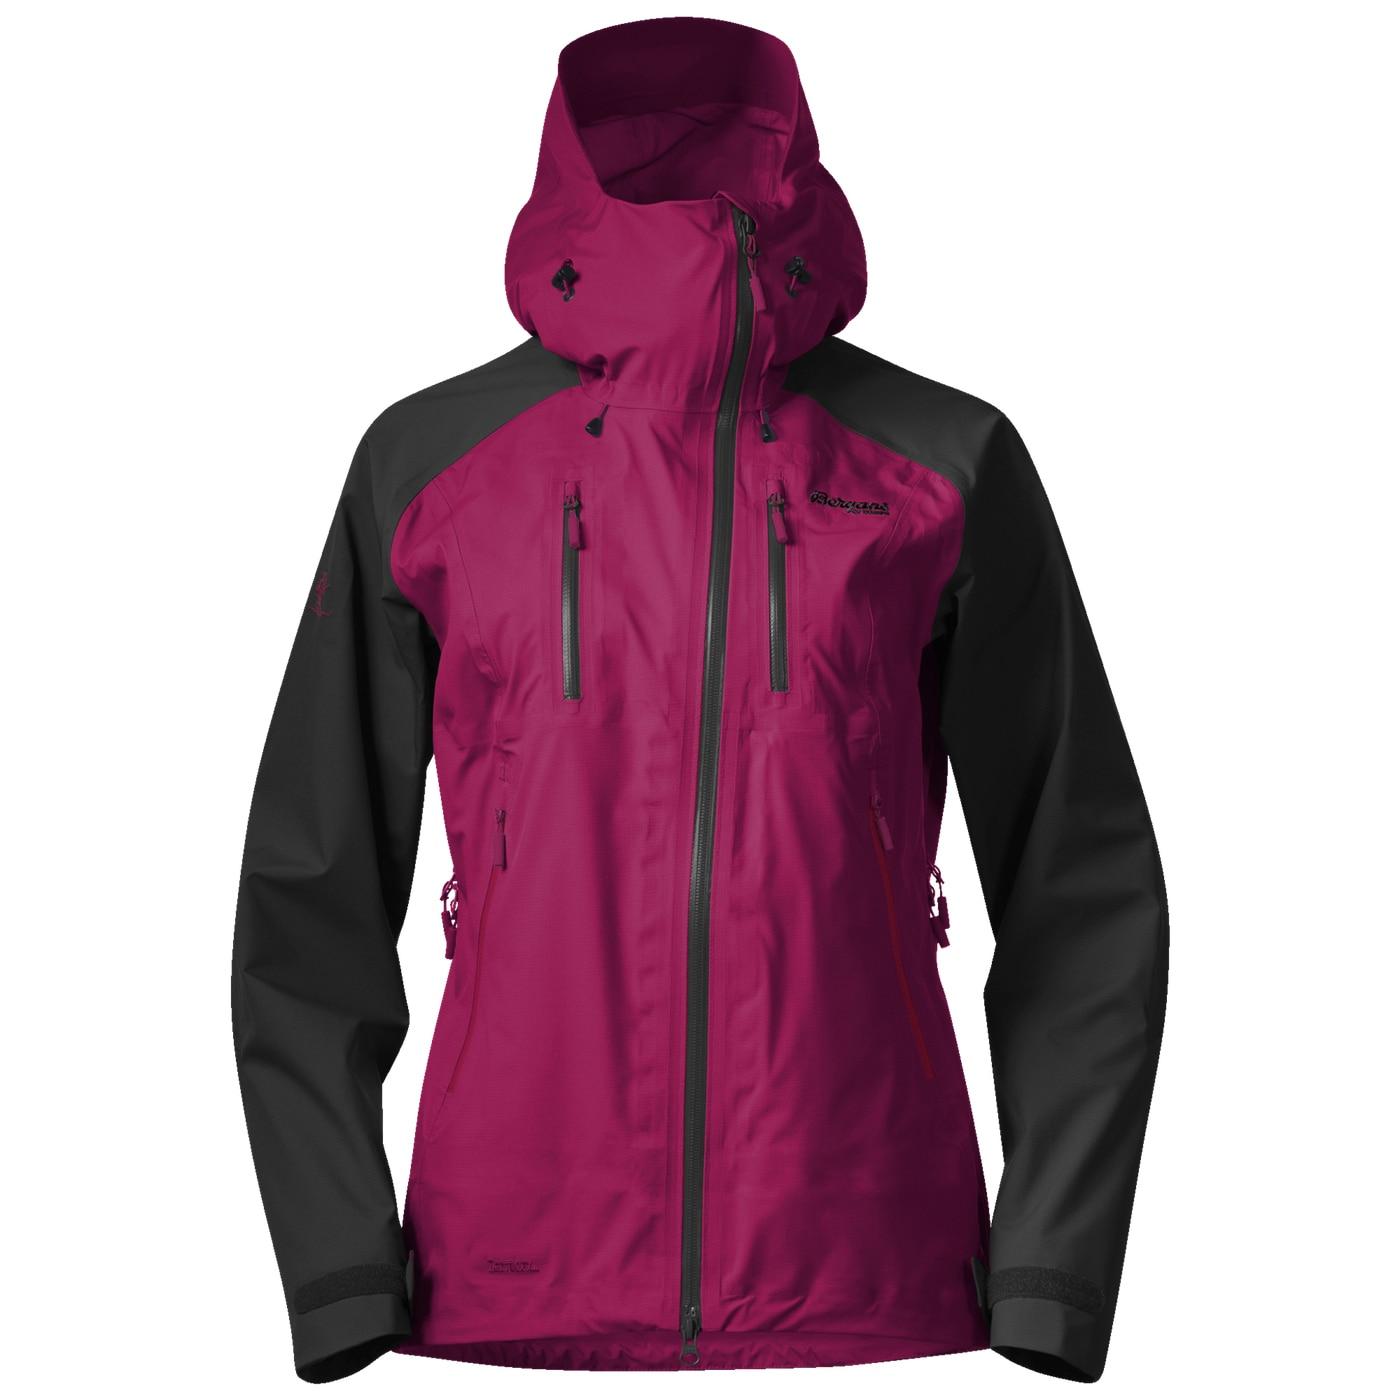 Romsdal 3L W Jacket